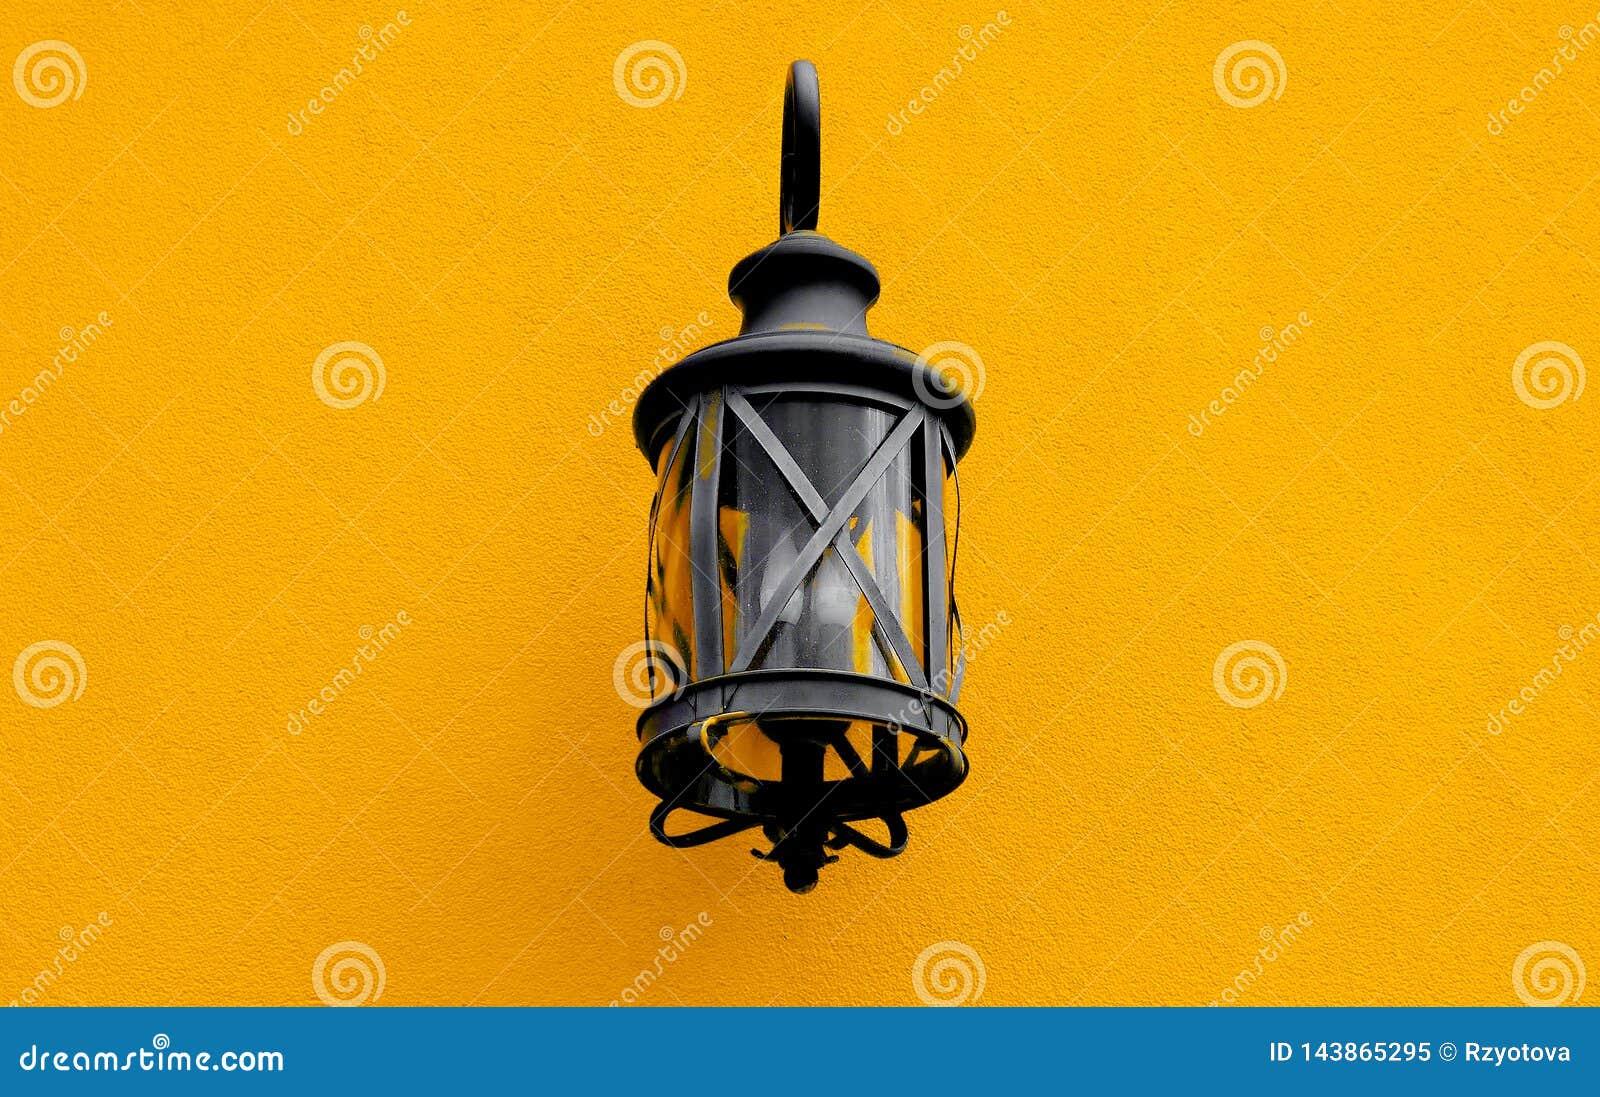 Старый уличный фонарь на стене